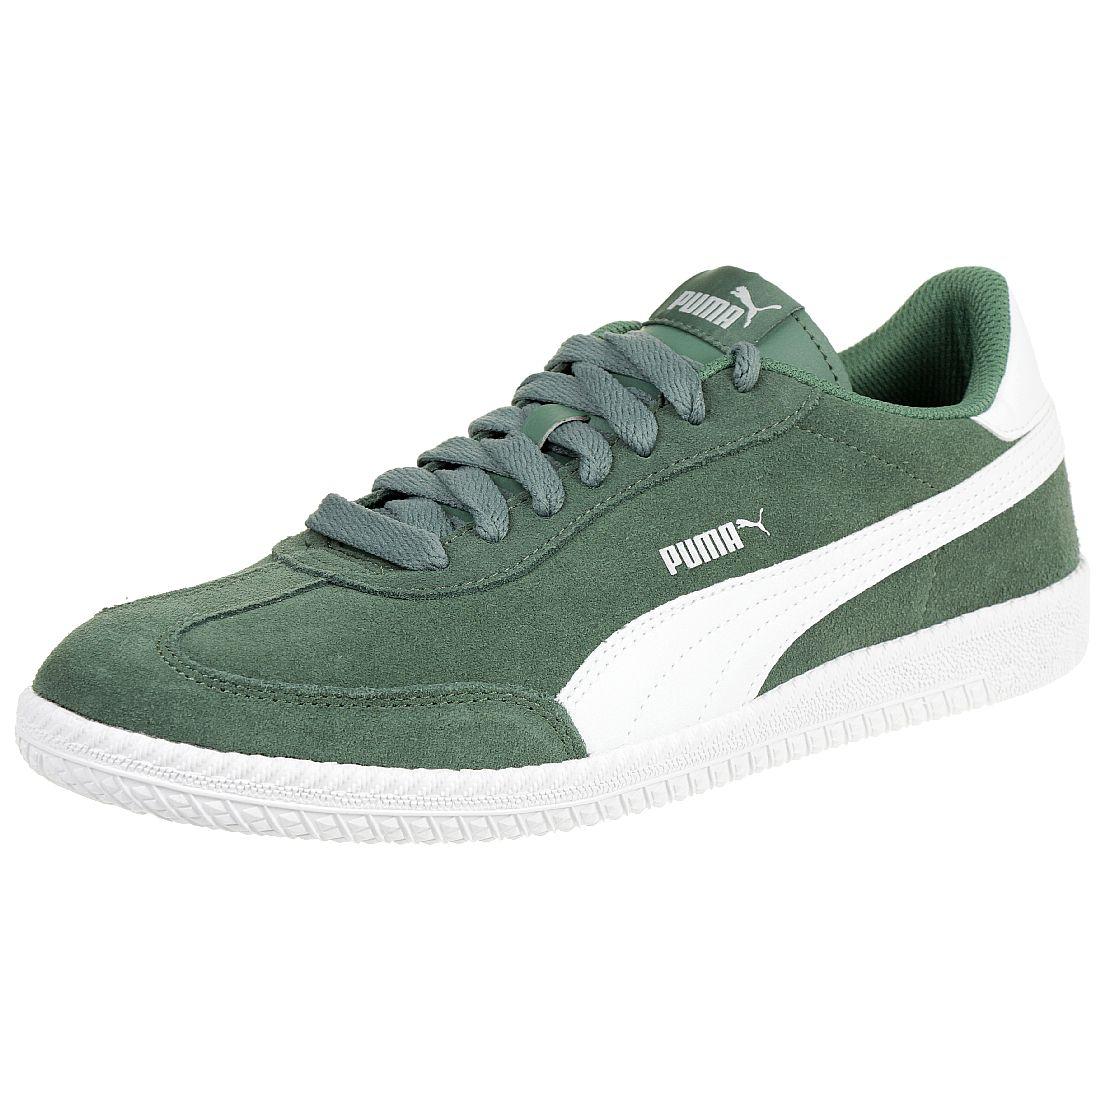 a1d5baf791c28 Puma Astro Cup Herren Sneaker Low-Top grün 364423 10 Sneaker Herren ...